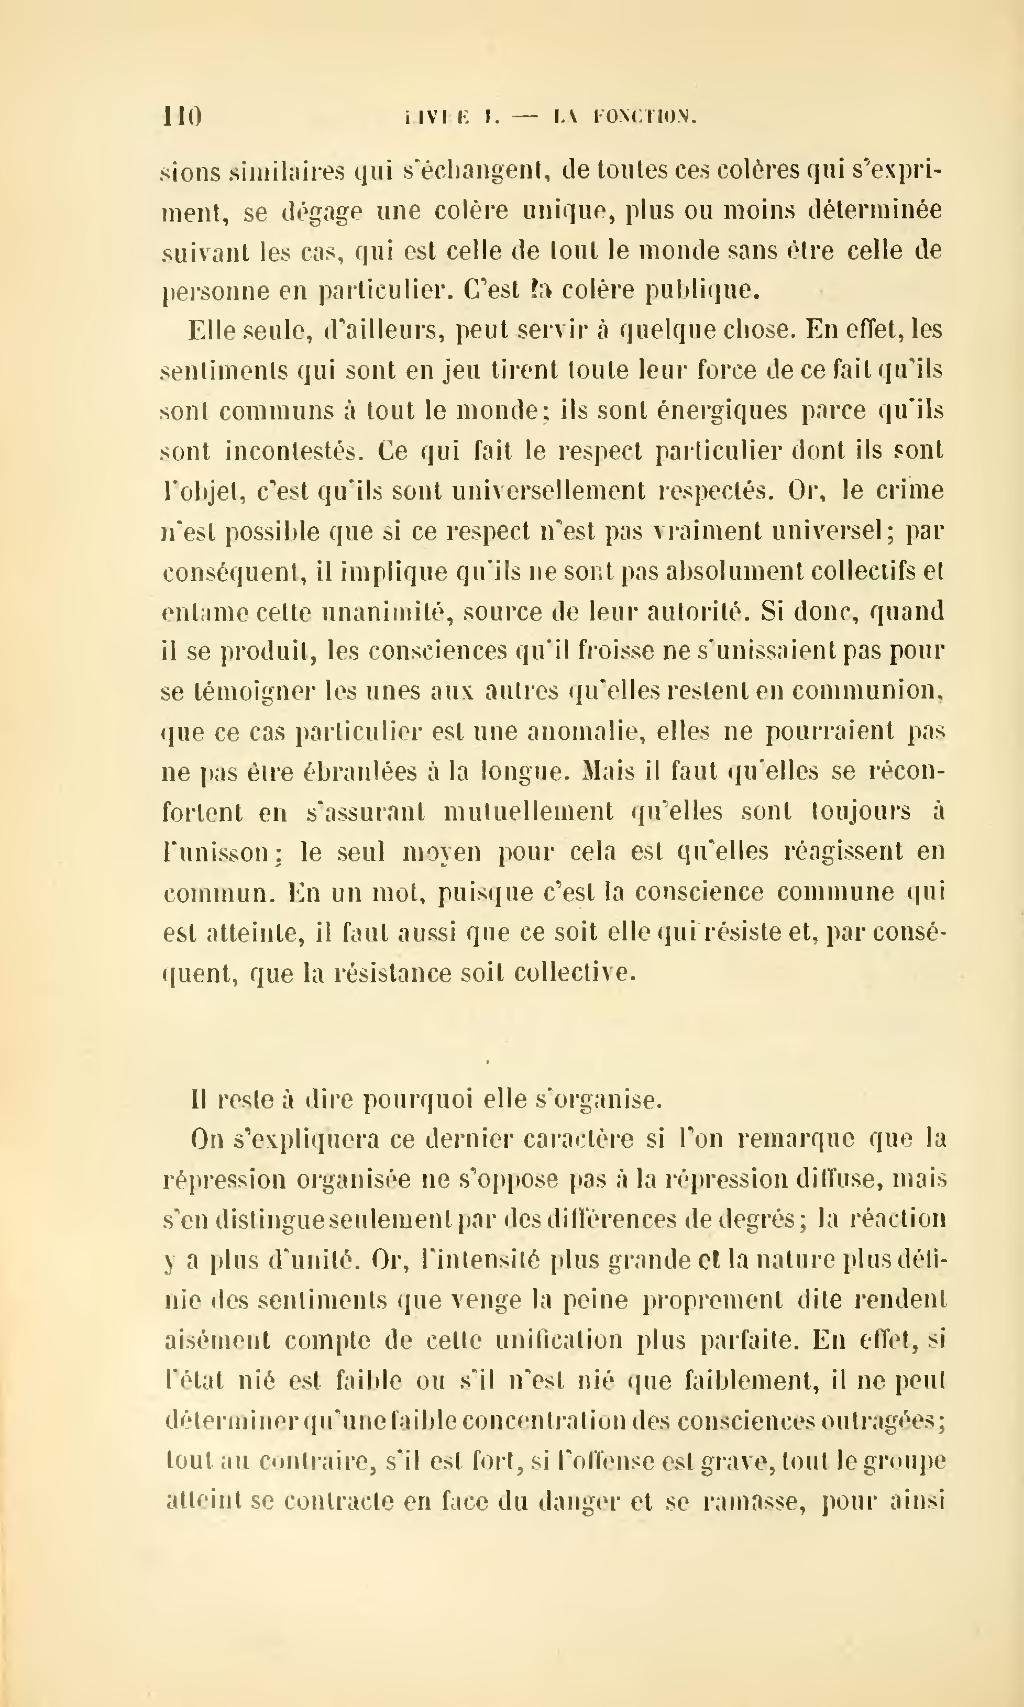 Page Durkheim De La Division Du Travail Social Djvu 132 Wikisource